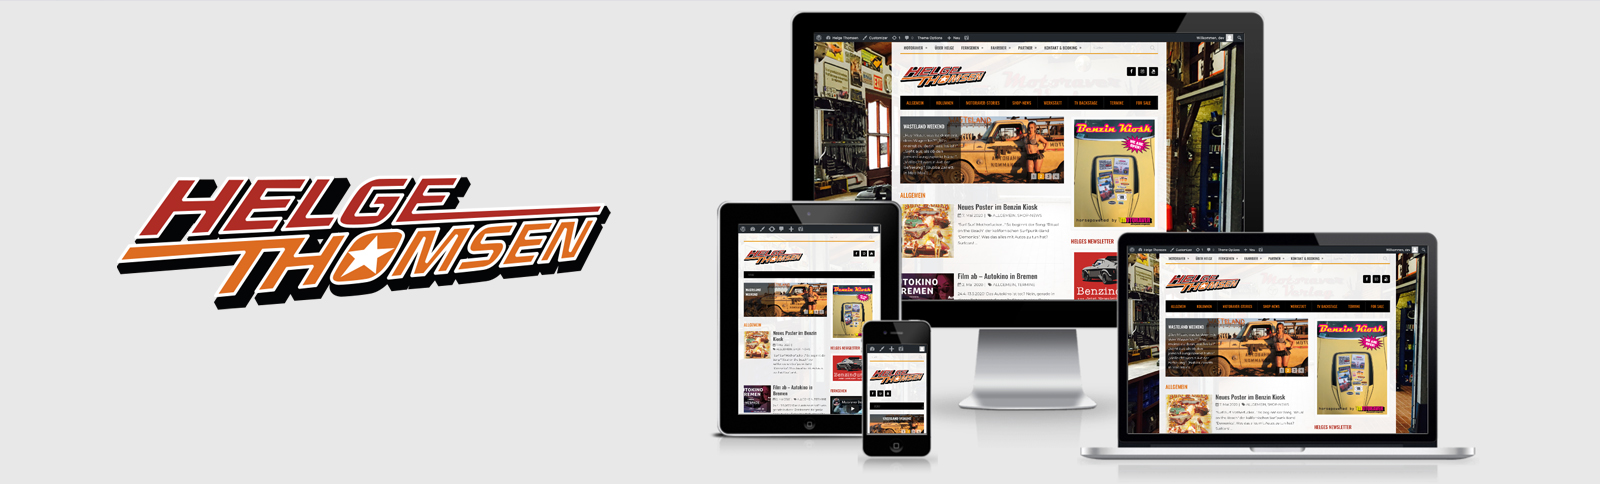 Erstellung der Website für Herausgeber & Experte Helge Thomsen durch Kähler & Kähler